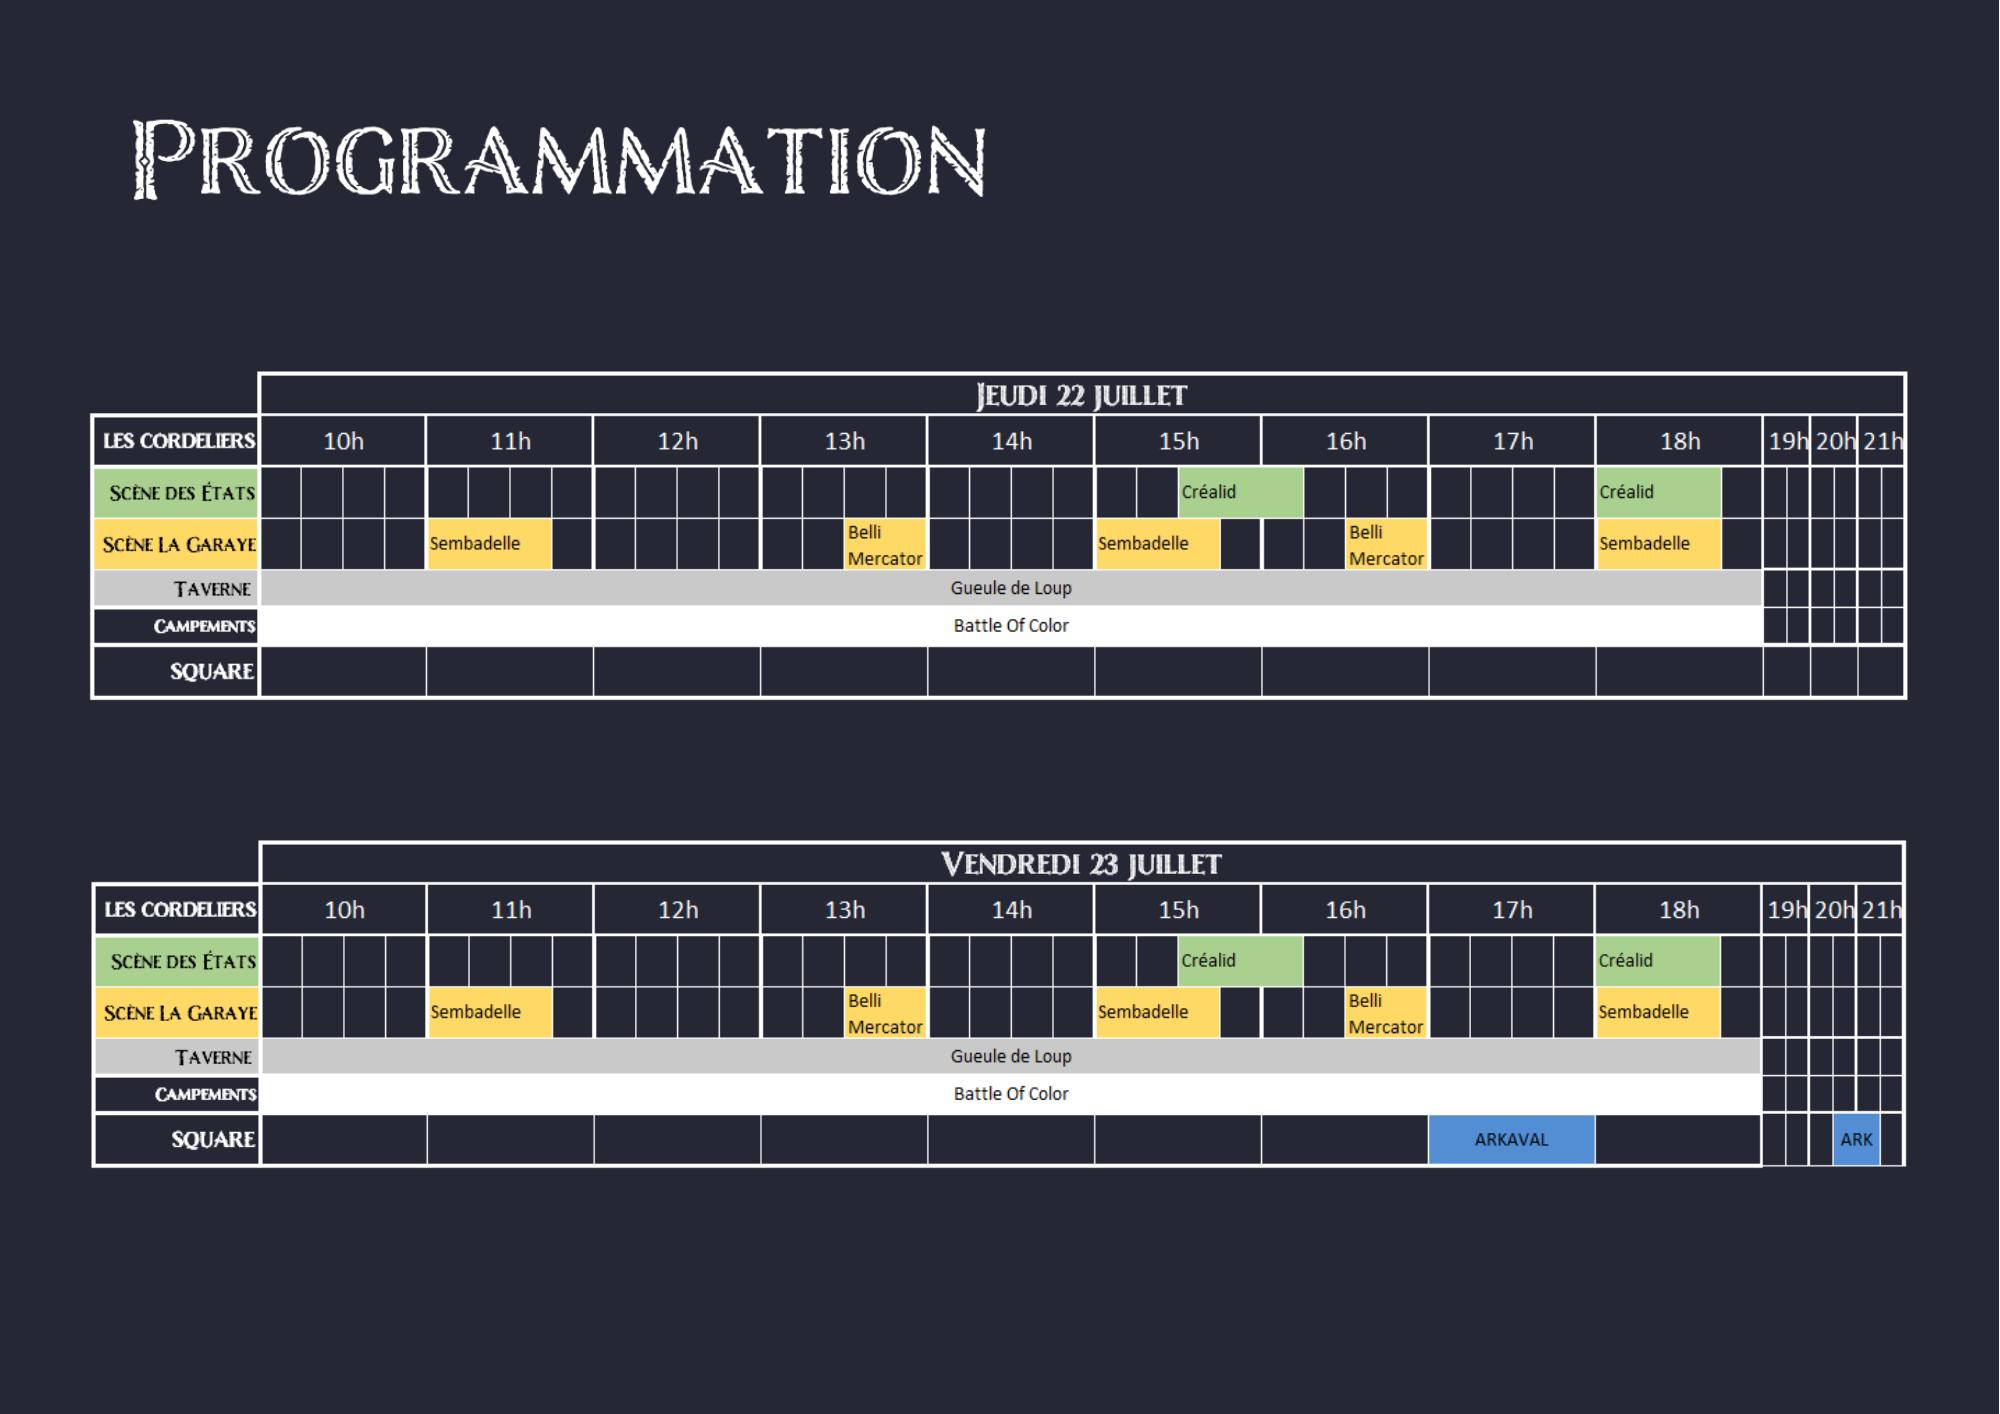 remparts-de-lhistoire-2021-programmation-22-23-juillet